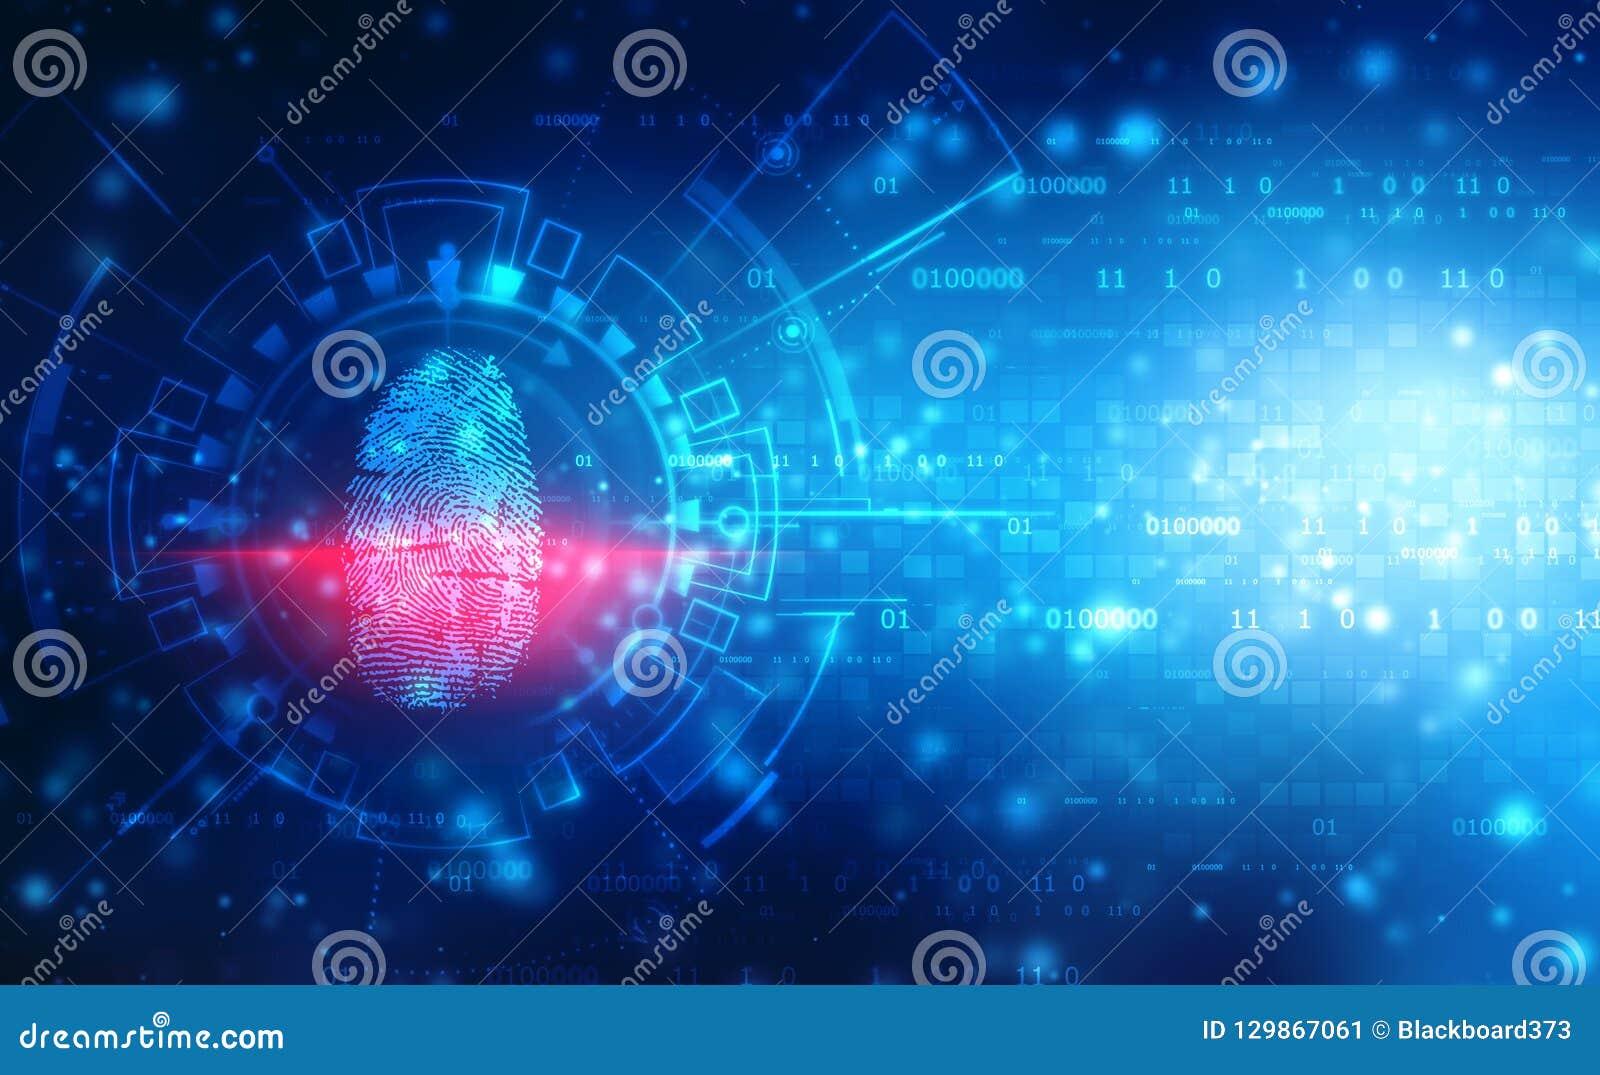 安全概念,在数字屏幕上的指纹扫描 Cyber证券概念